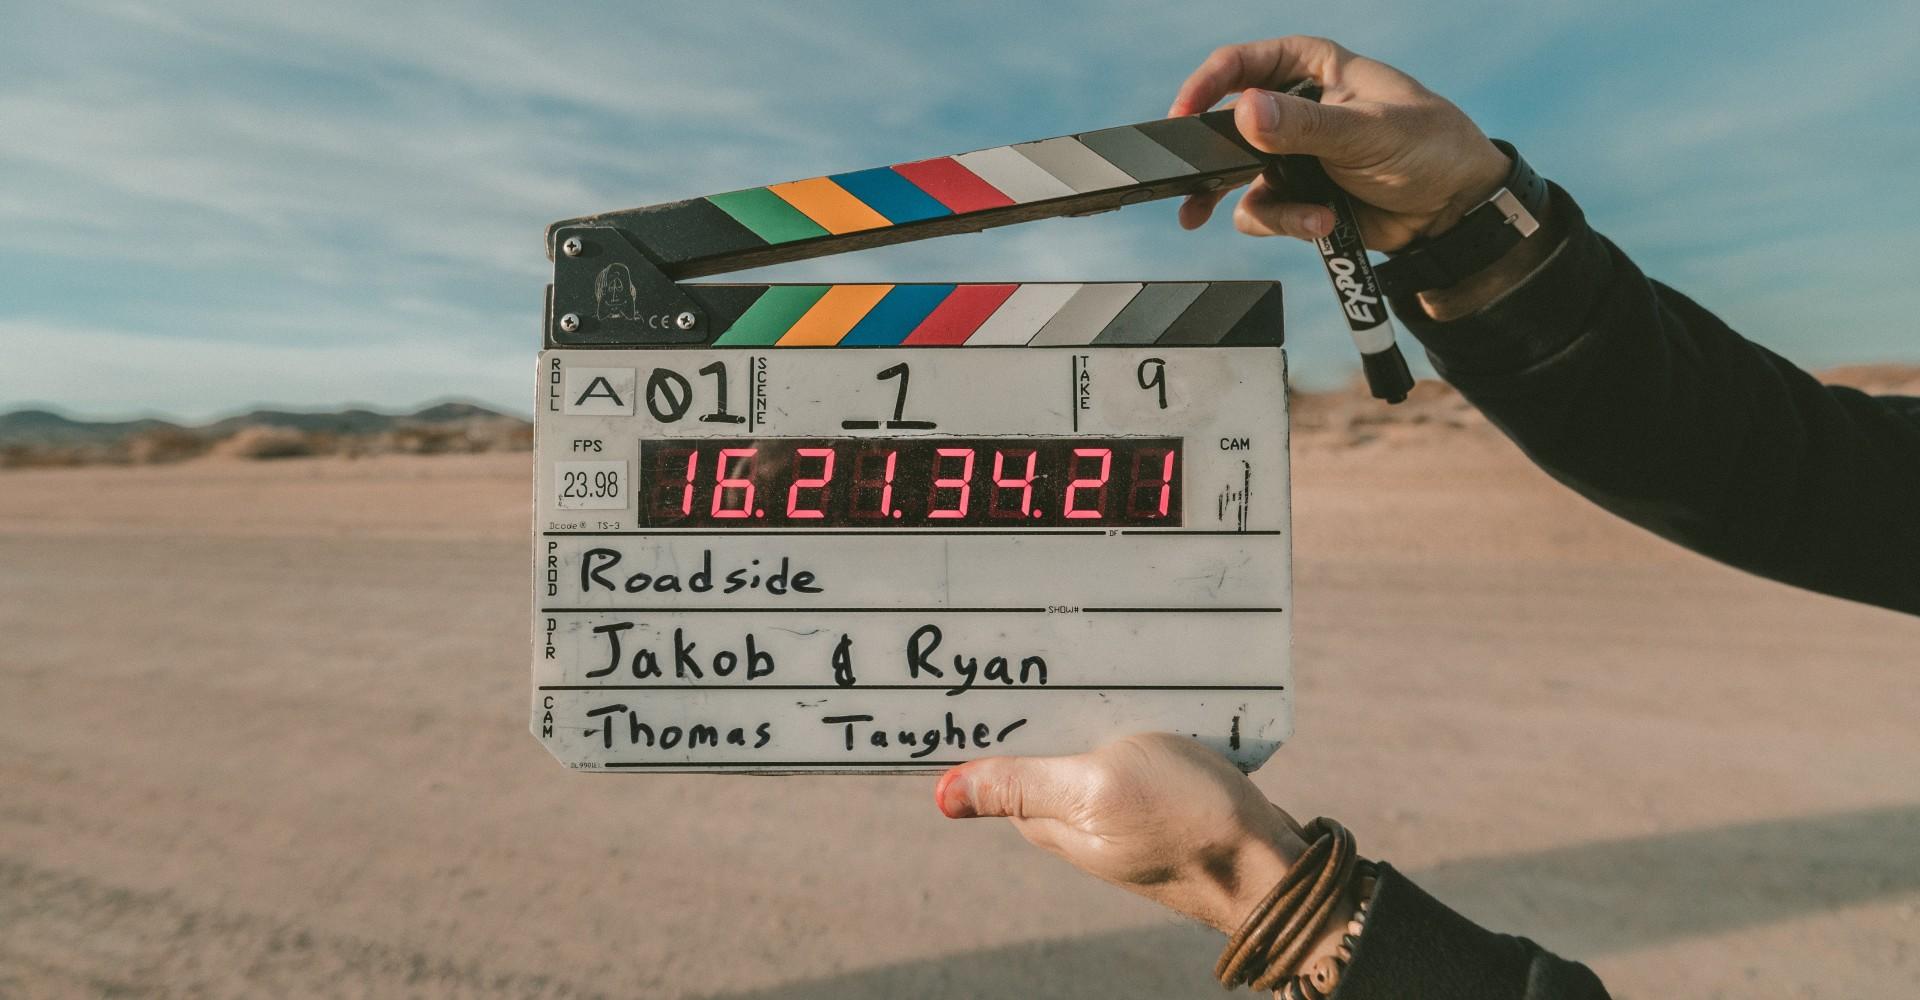 Documentaires over persoonlijke groei, zelfontwikkeling en persoonlijke ontwikkeling met thema's als voeding, sport en beweging, slaap, mindset, meditatie en geluk.